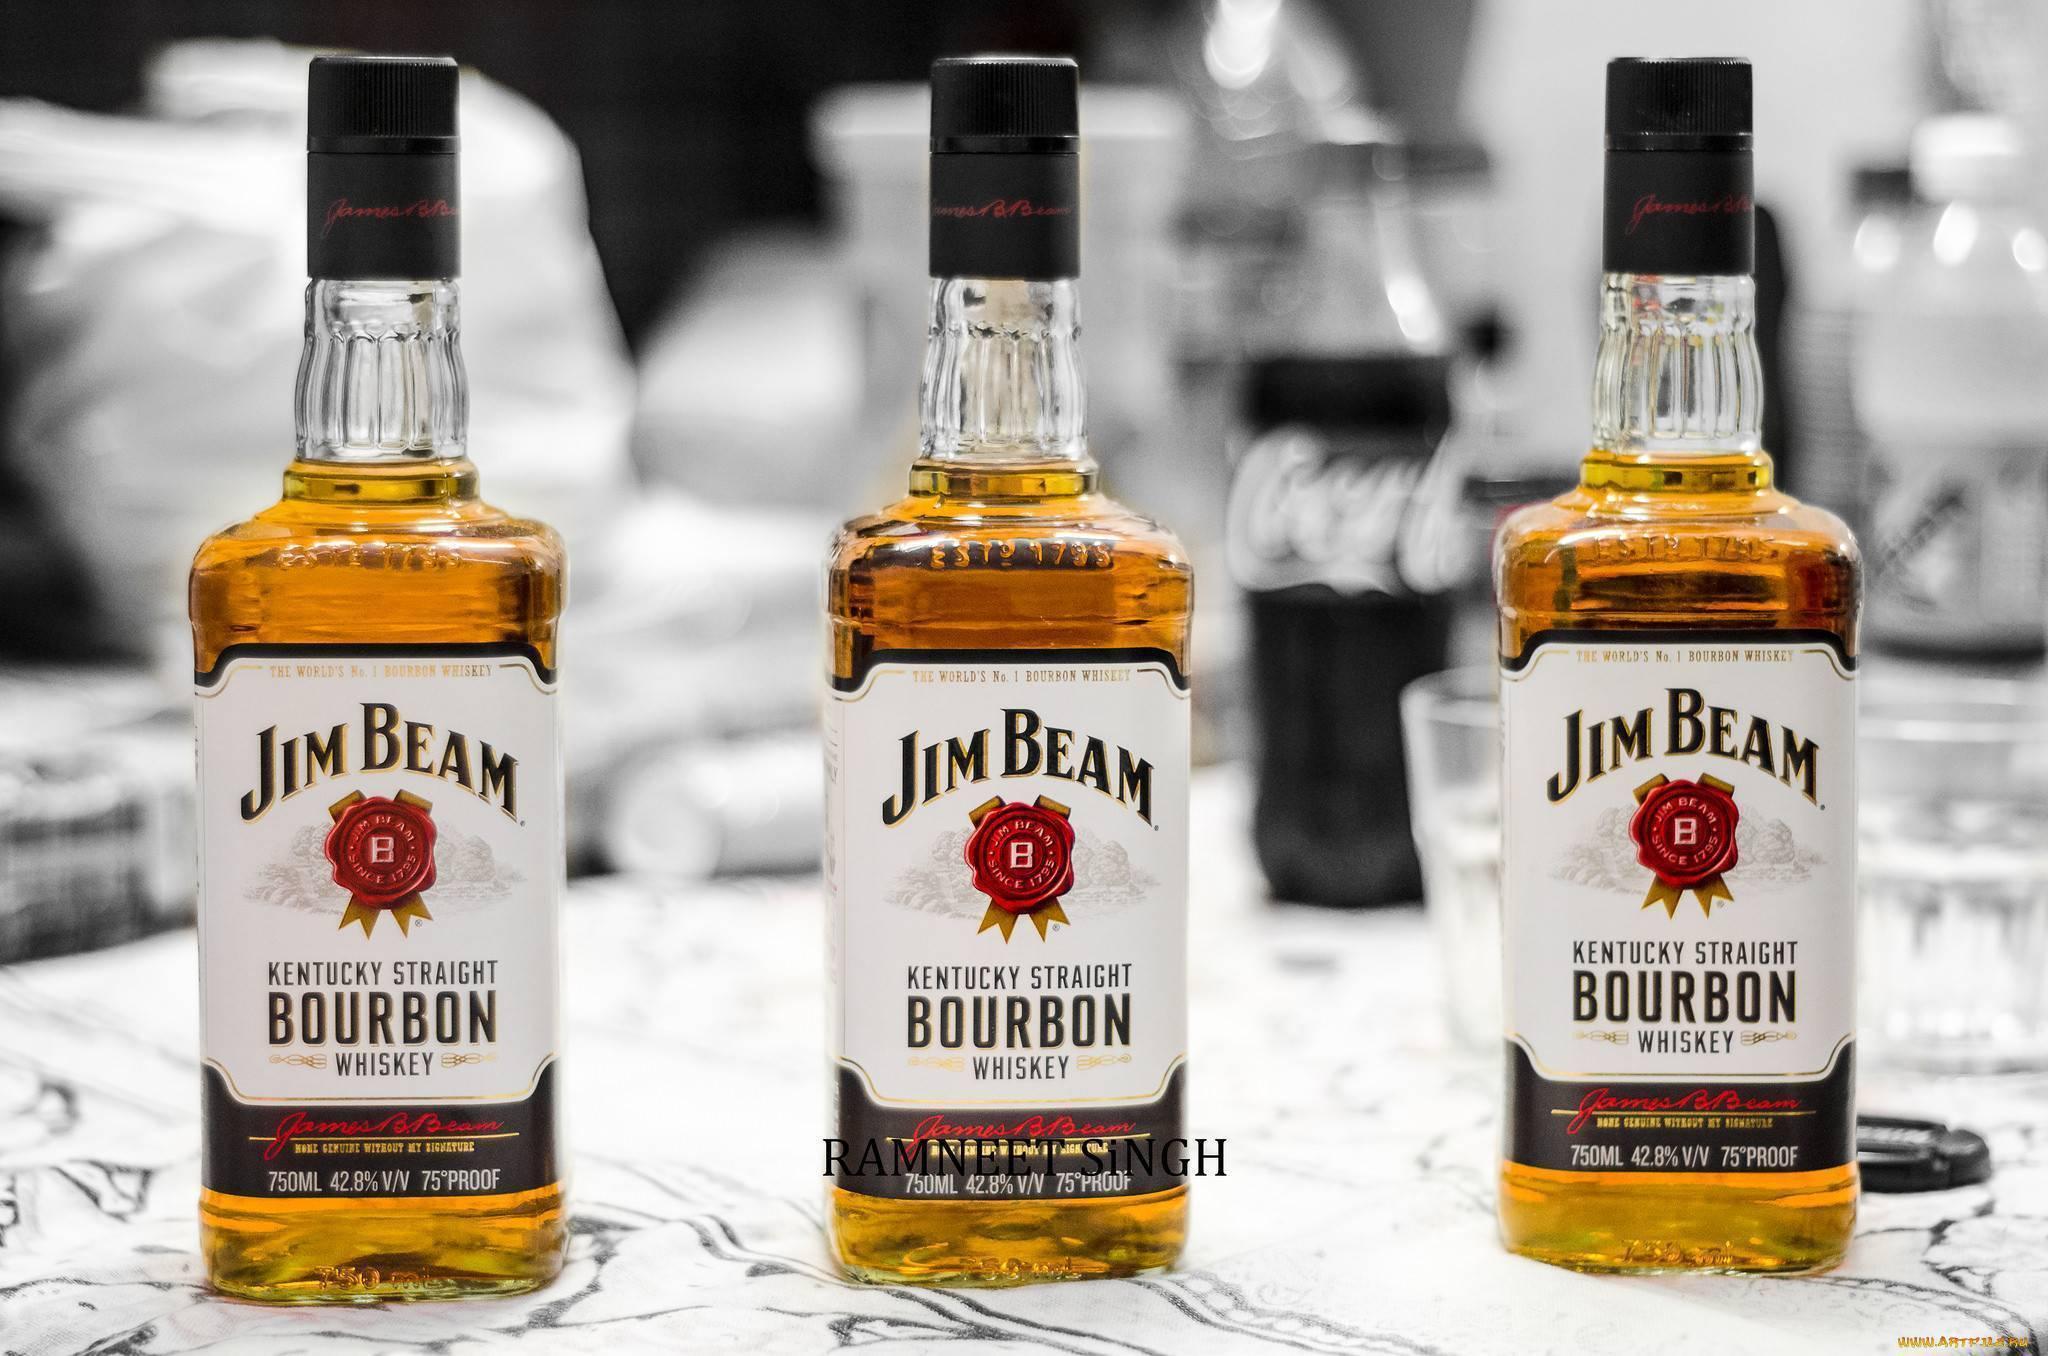 Джим бим медовый виски jim beam honey - сладкий вариант